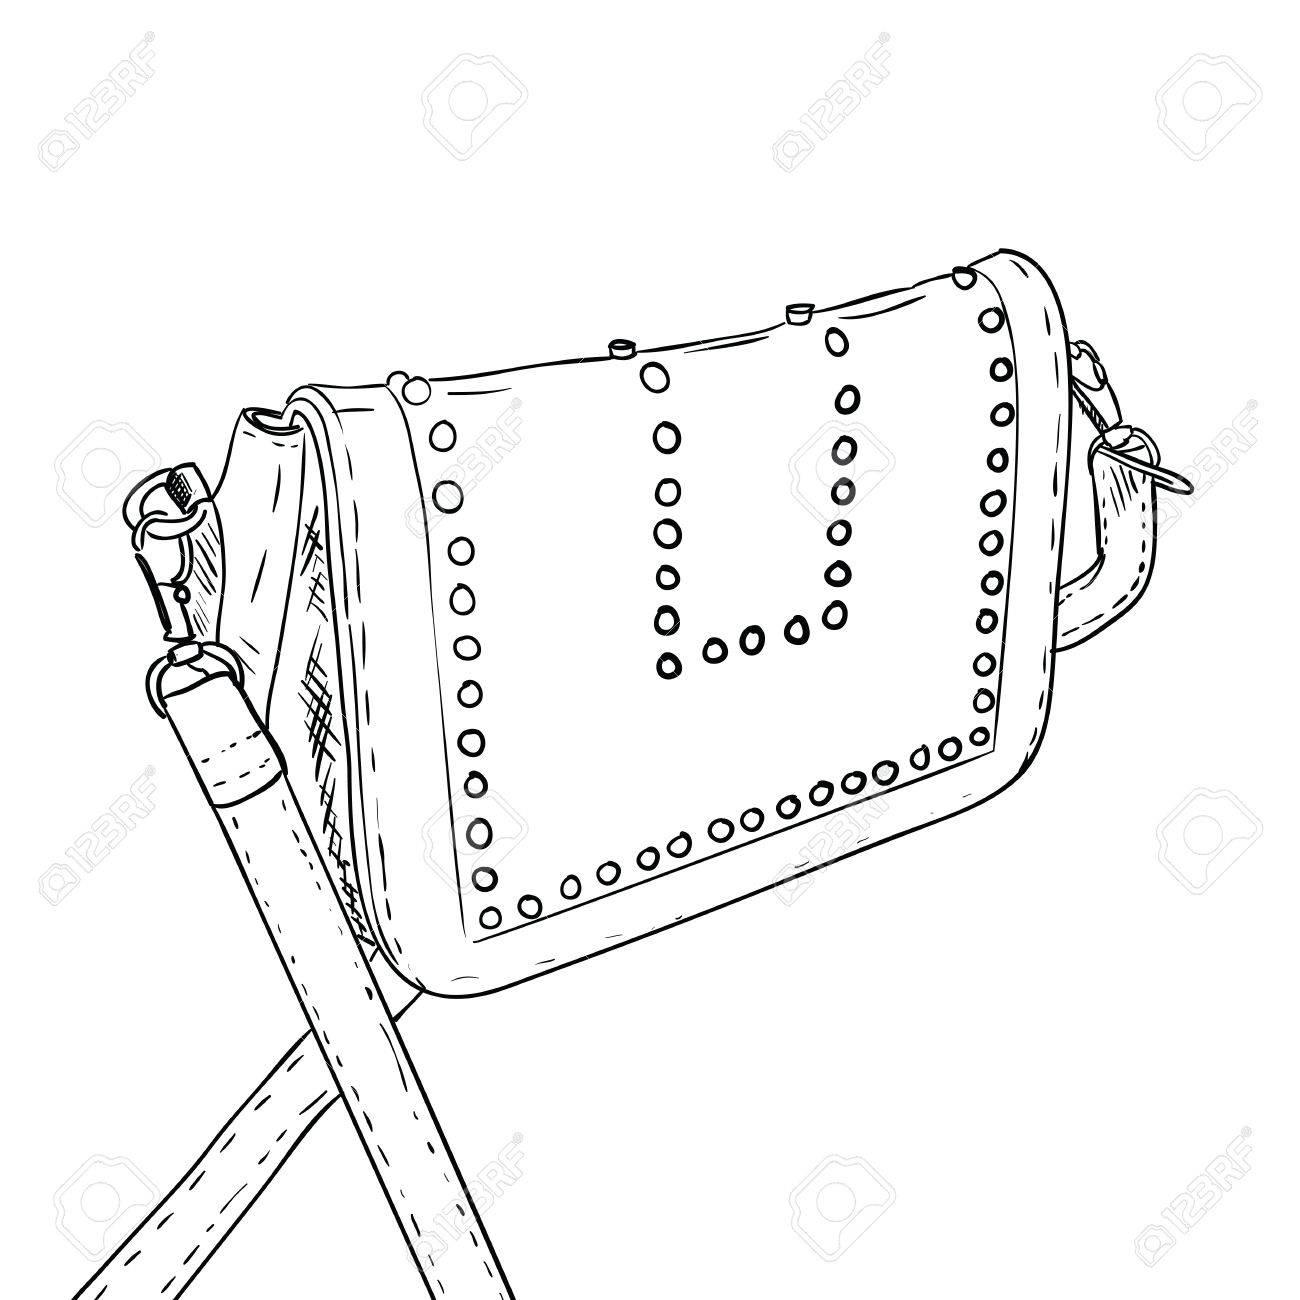 Sketch Of Ladies Handbag Female Stylish Fashion Bag Women Bag